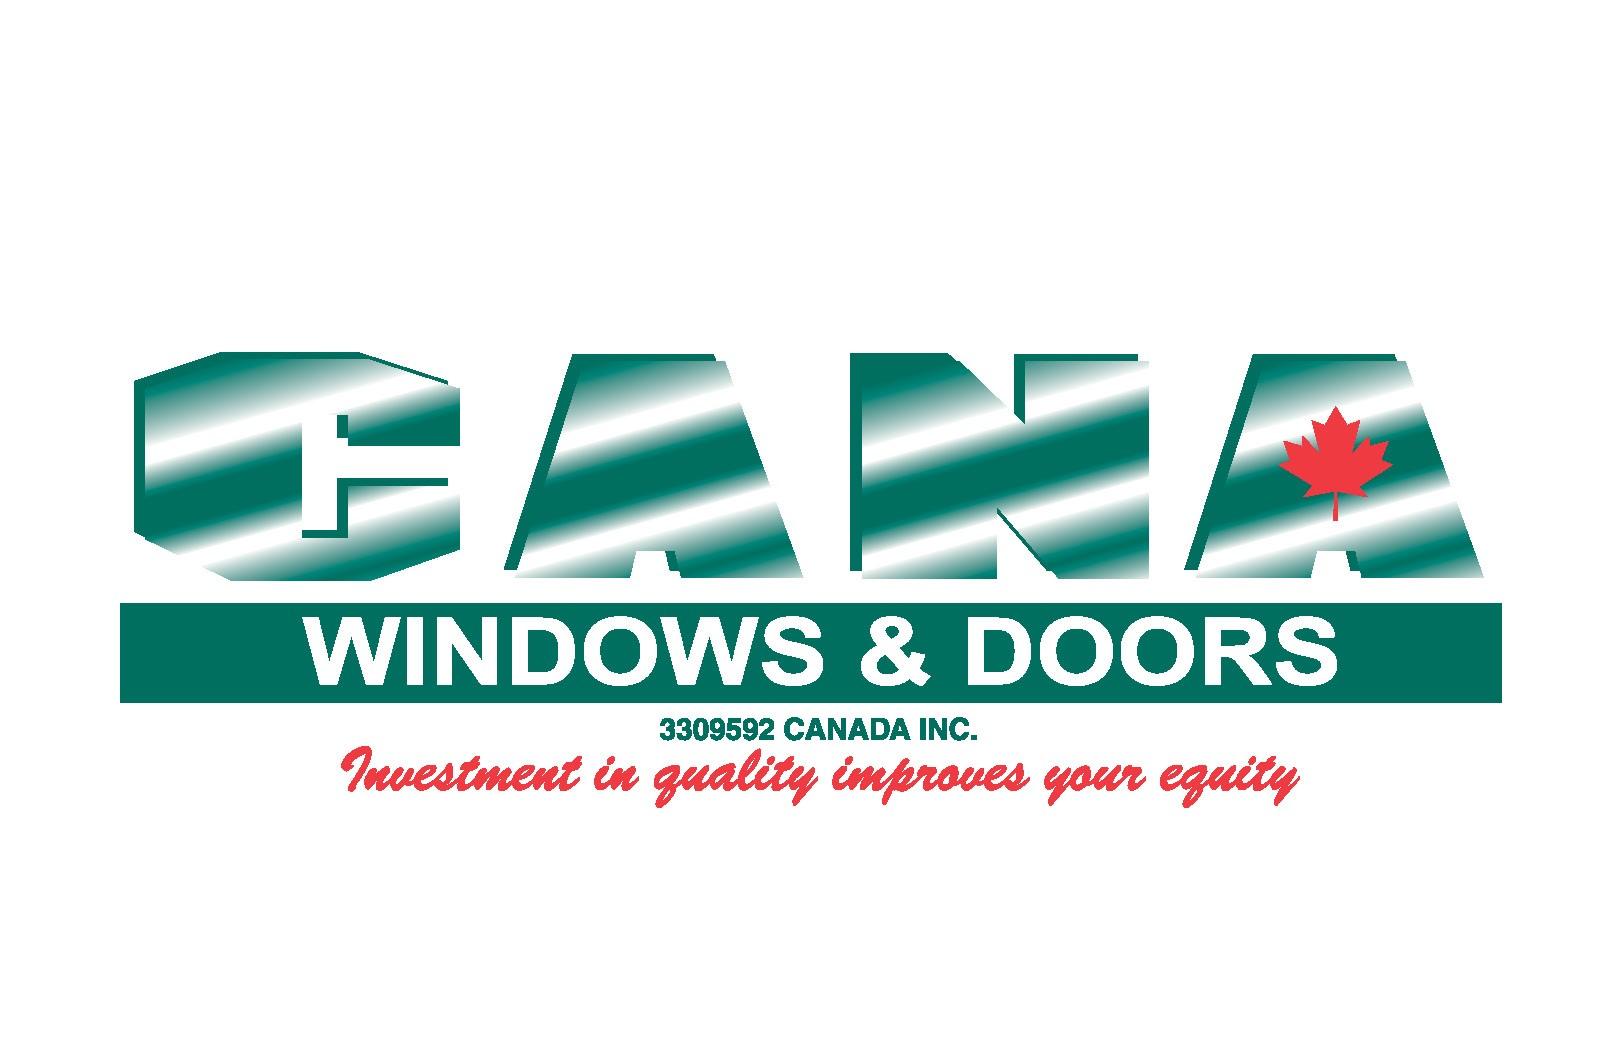 Cana Windows and Doors